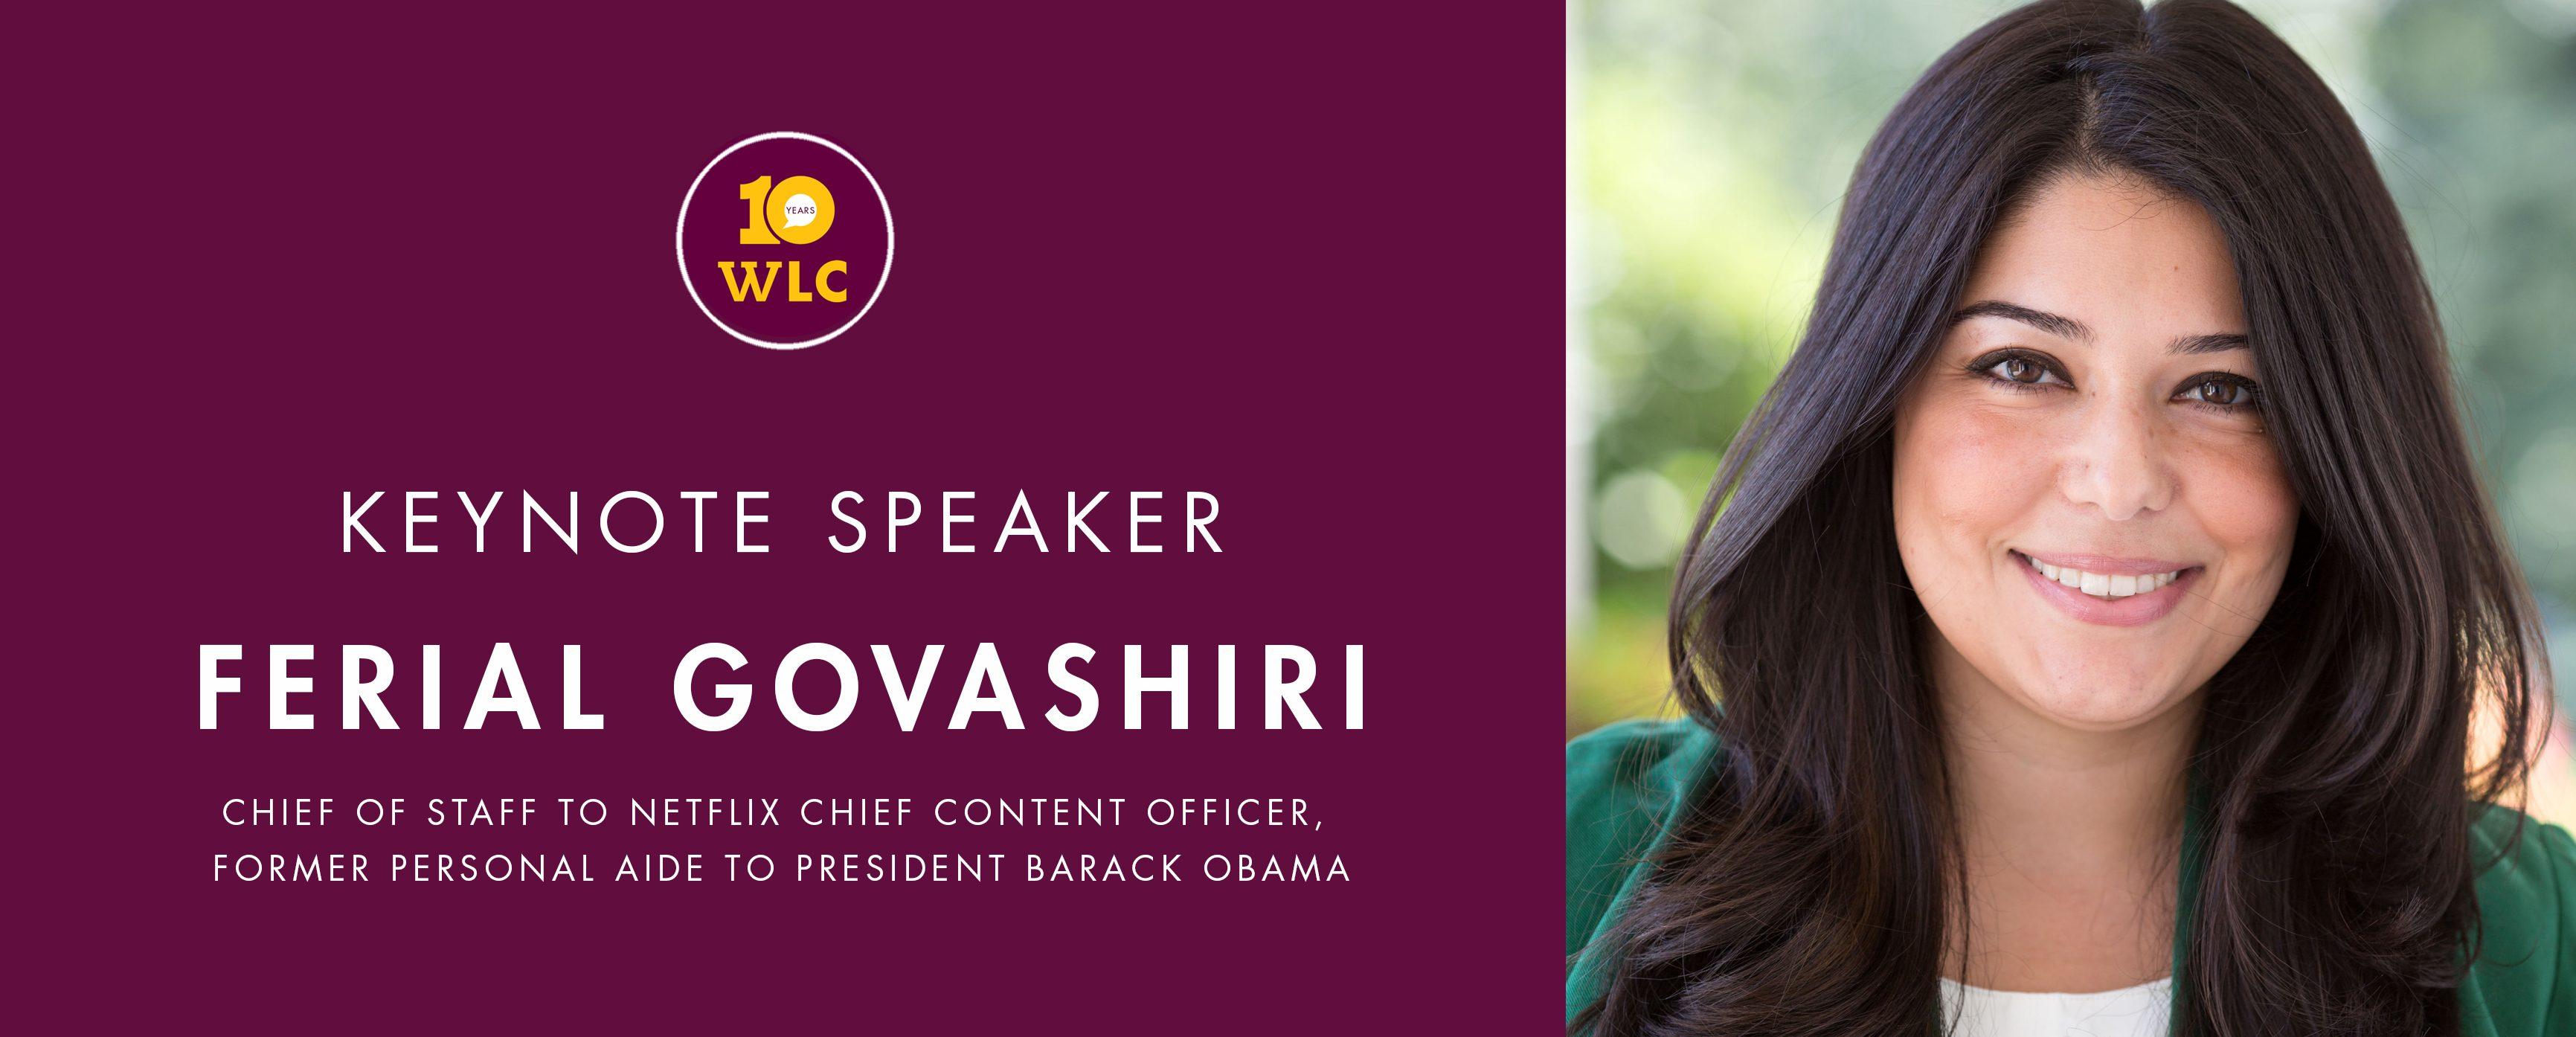 Keynote Speaker Ferial Govashiri